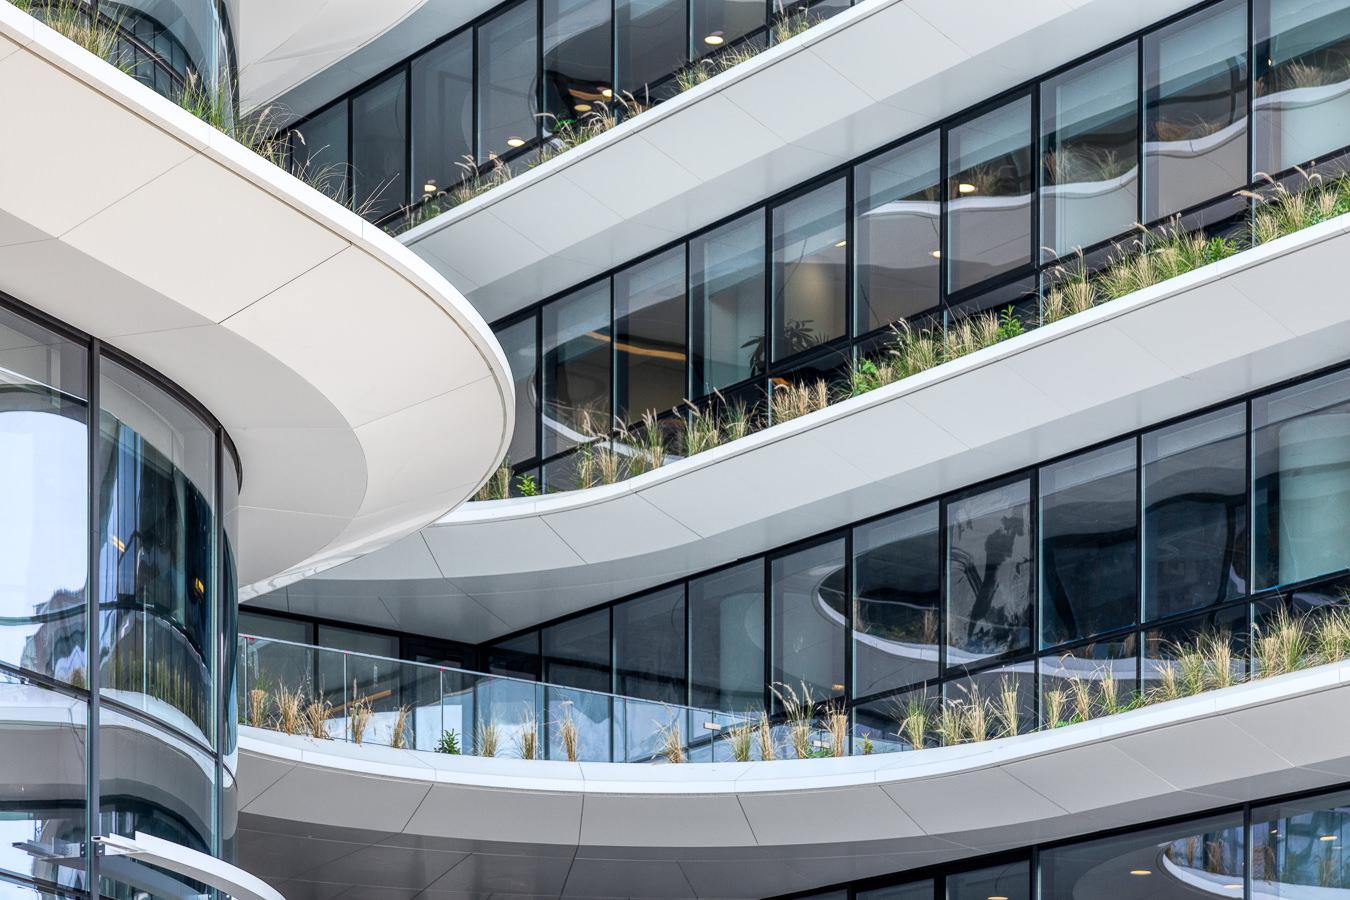 The Orbit, Γιώργος Φάκαρος - Αρχιτεκτονική Φωτογραφία | Εσωτερικοί Χώροι | Φωτογραφία Ξενοδοχειών - Photography / Φωτογραφία